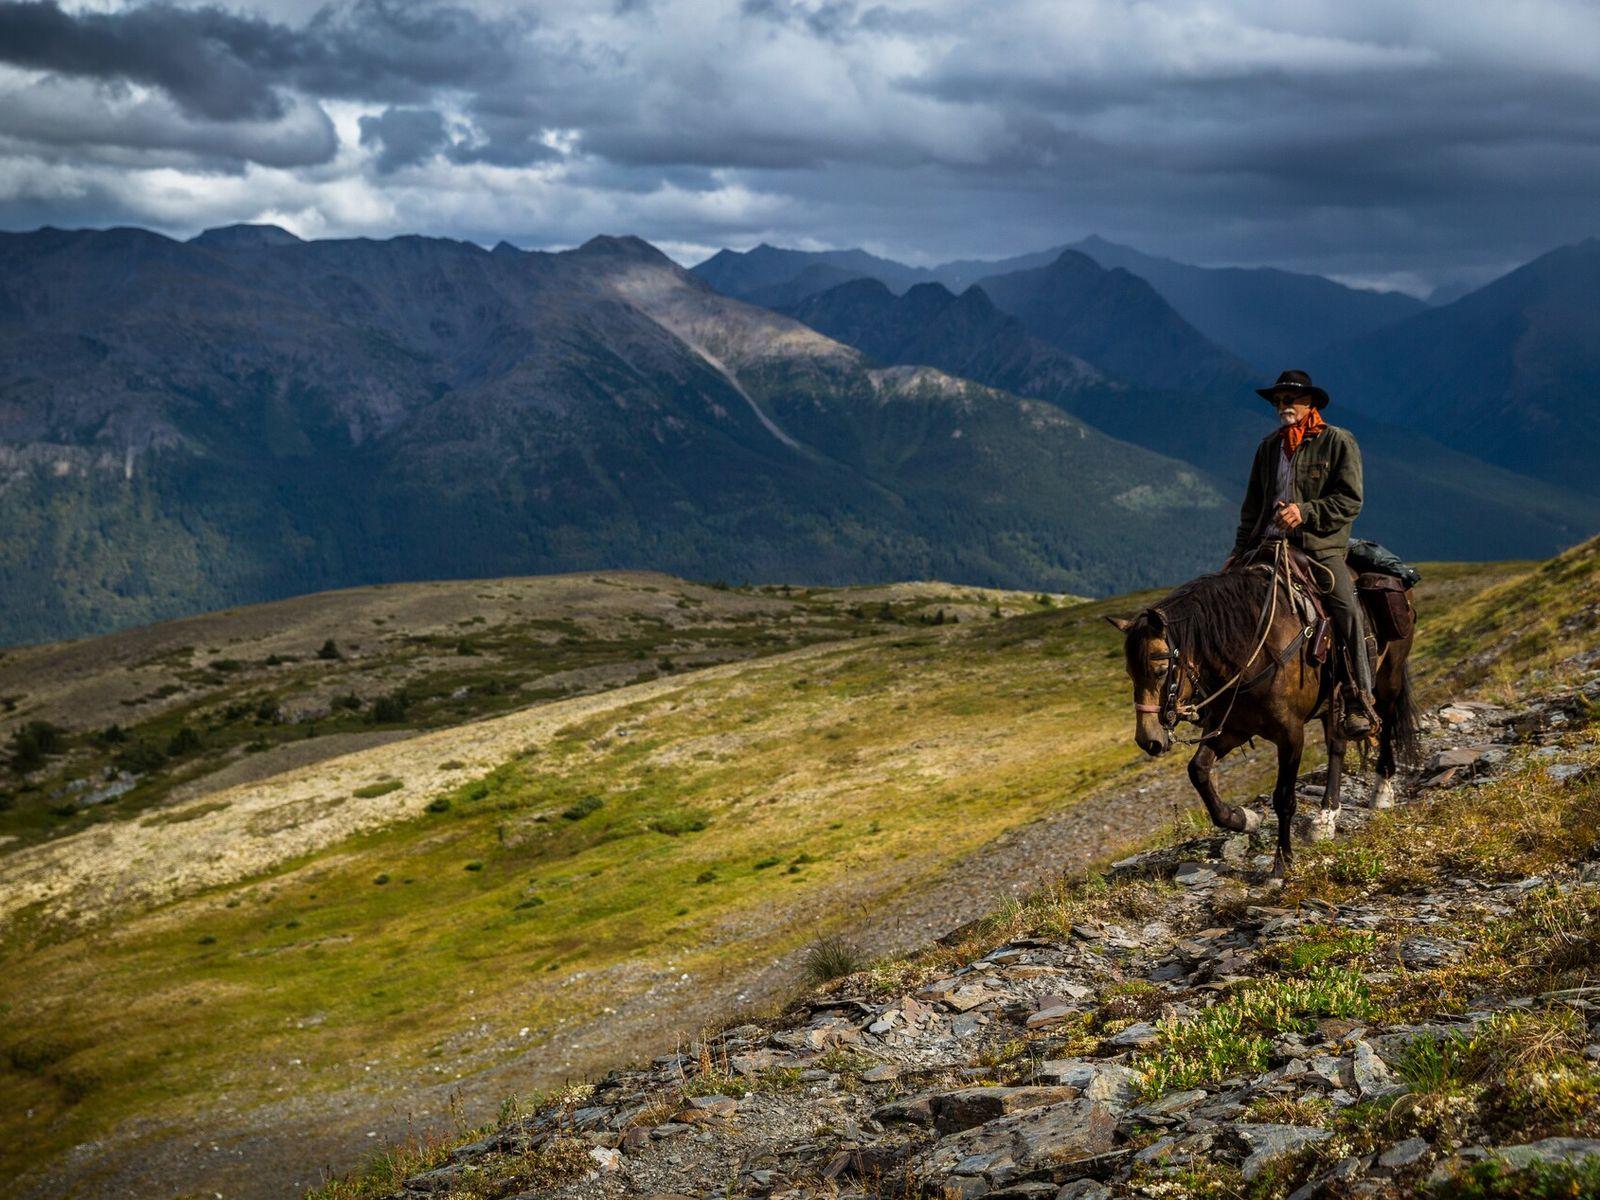 Wälder, Berge, Seen und Flüsse, Wasserfälle, heiße Quellen und Sumpfgebiete: Muskwa-Kechika ist eines der größten Wildnisgebiete Nordamerikas.